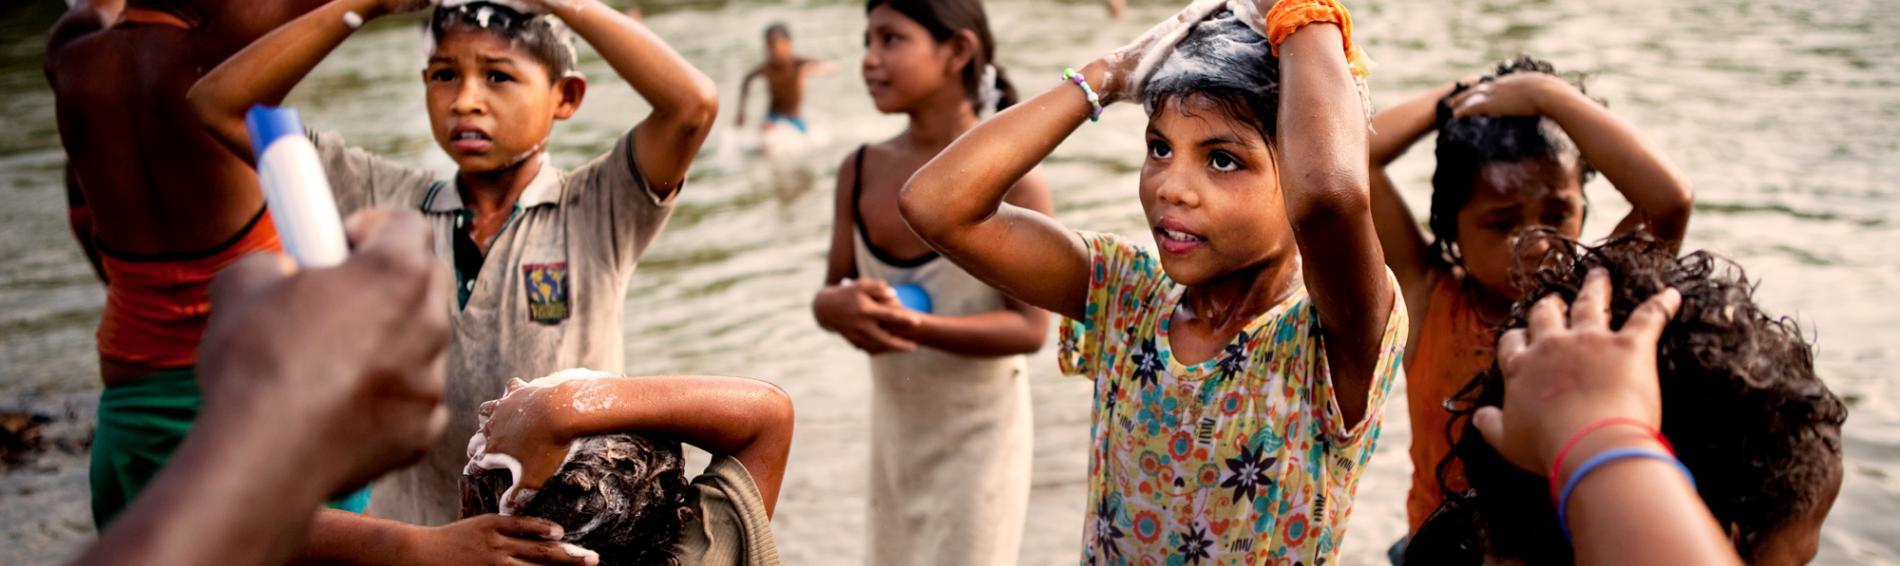 Sexuelle und reproduktive Programme für Menschen ohne Zugang zu Gesundheitsversorgung